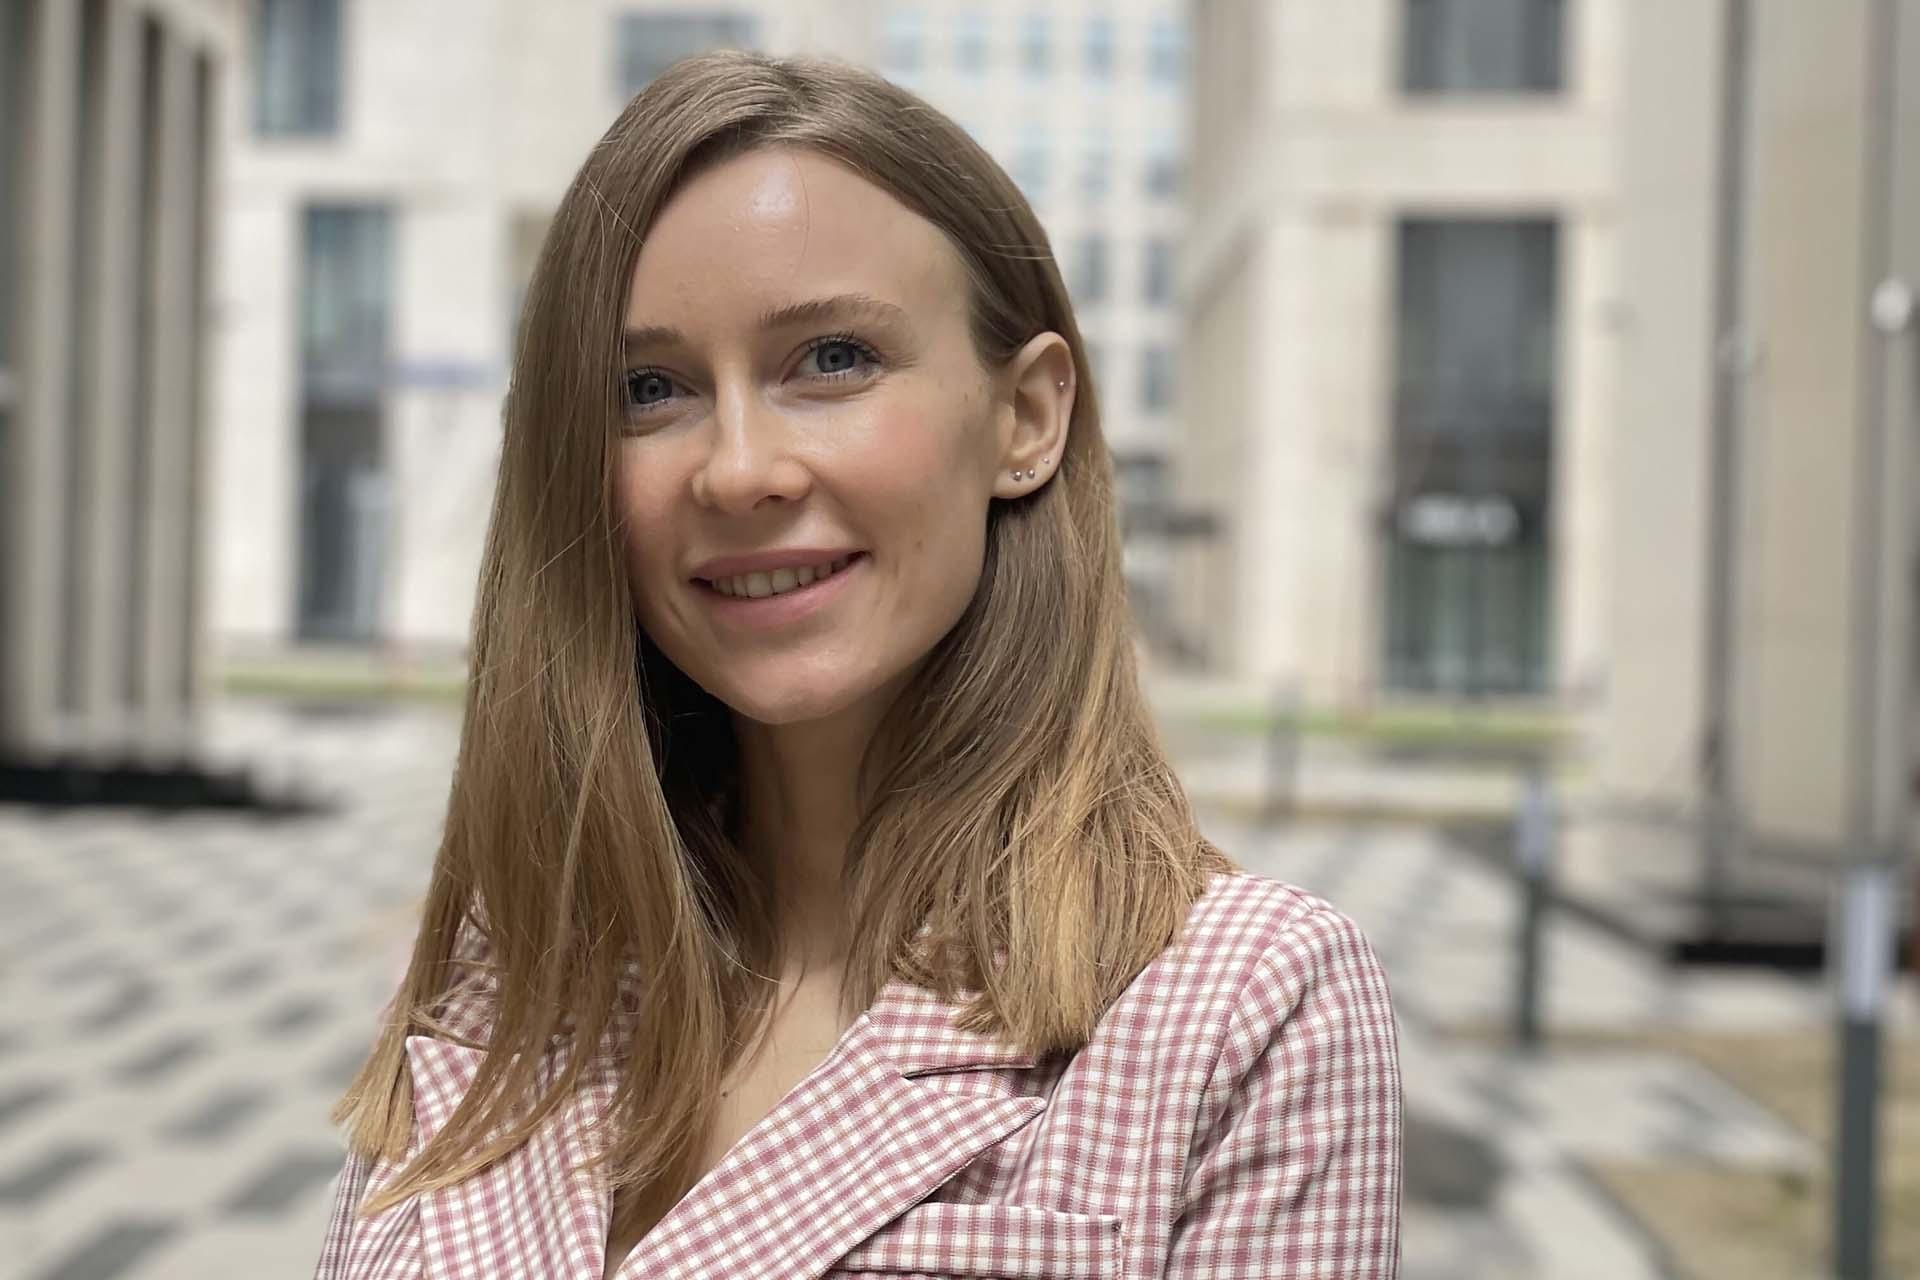 Диана Вашкель – руководитель PR-проектов Smart PR